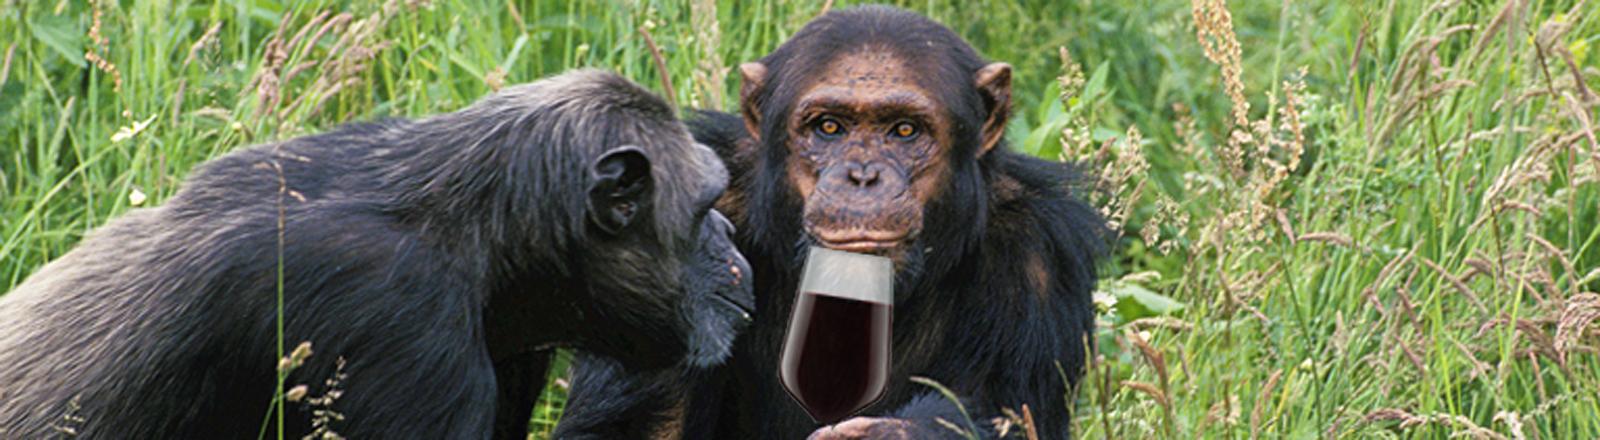 Affen trinken Wein. Haha. Ein Gag. Eine Fotomontage.